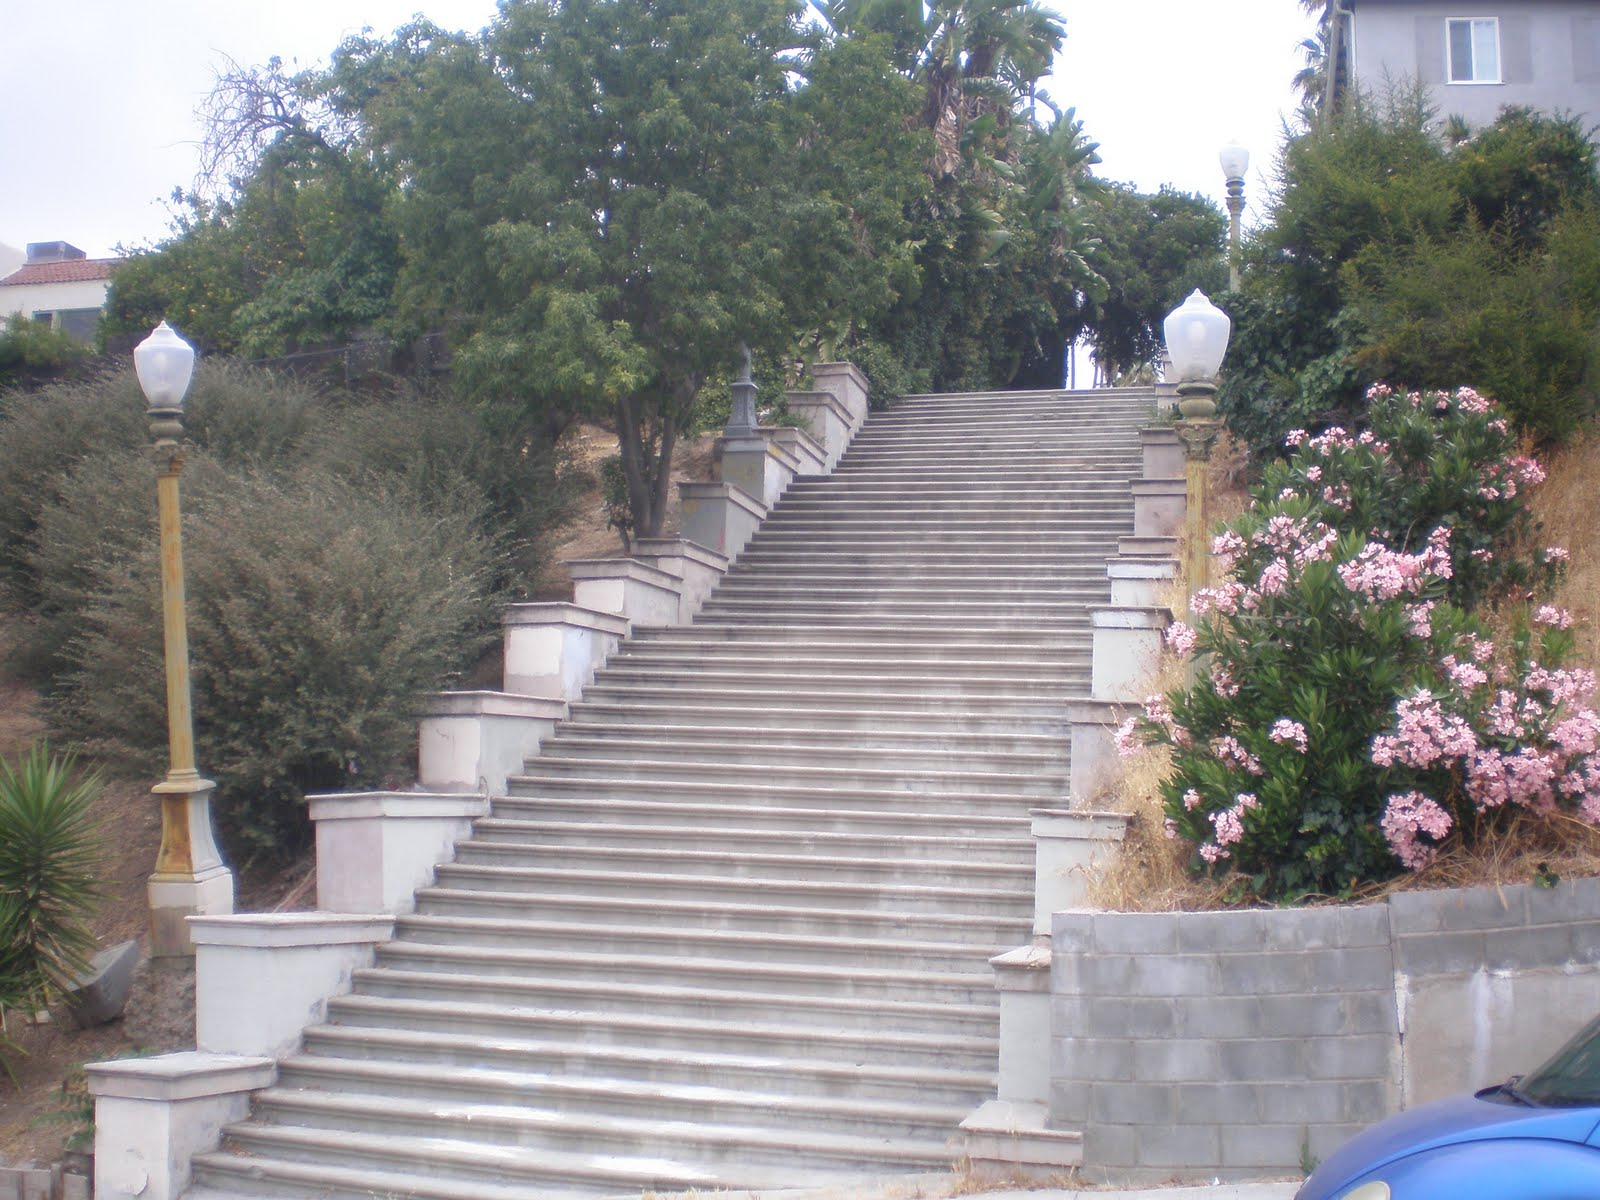 Climbing LA